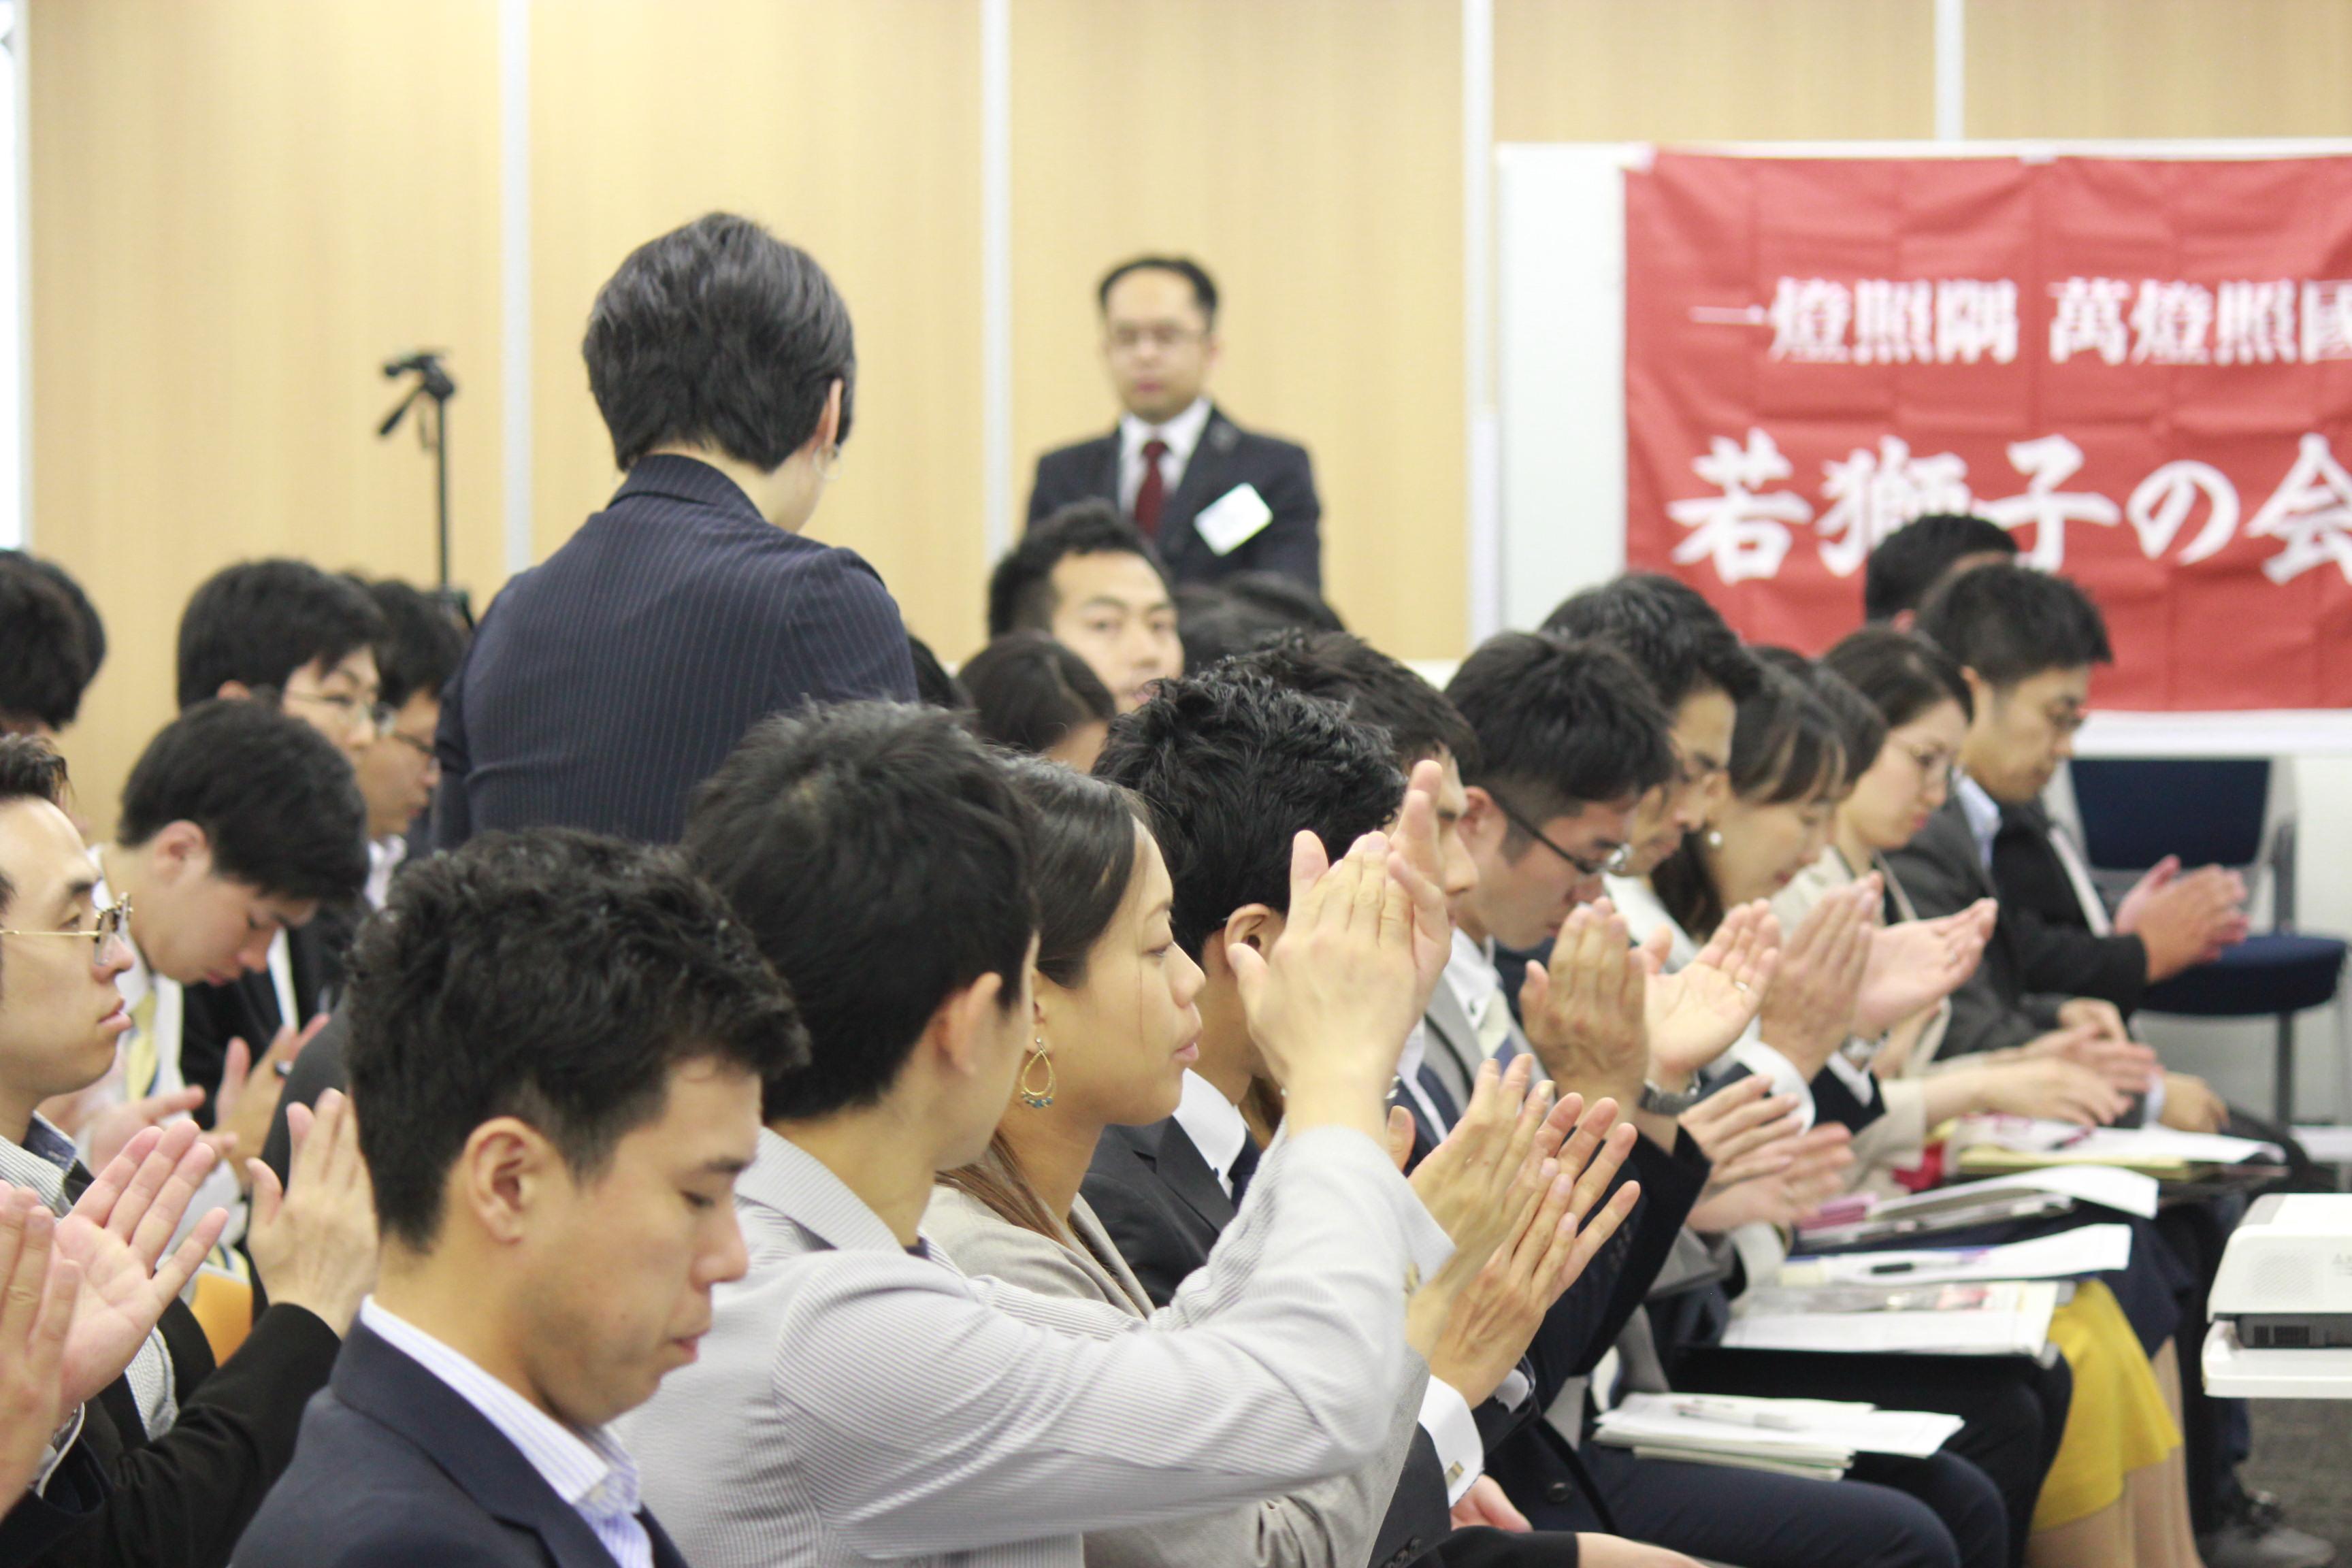 IMG 7854 - 関東若獅子の会、記念すべき第100回